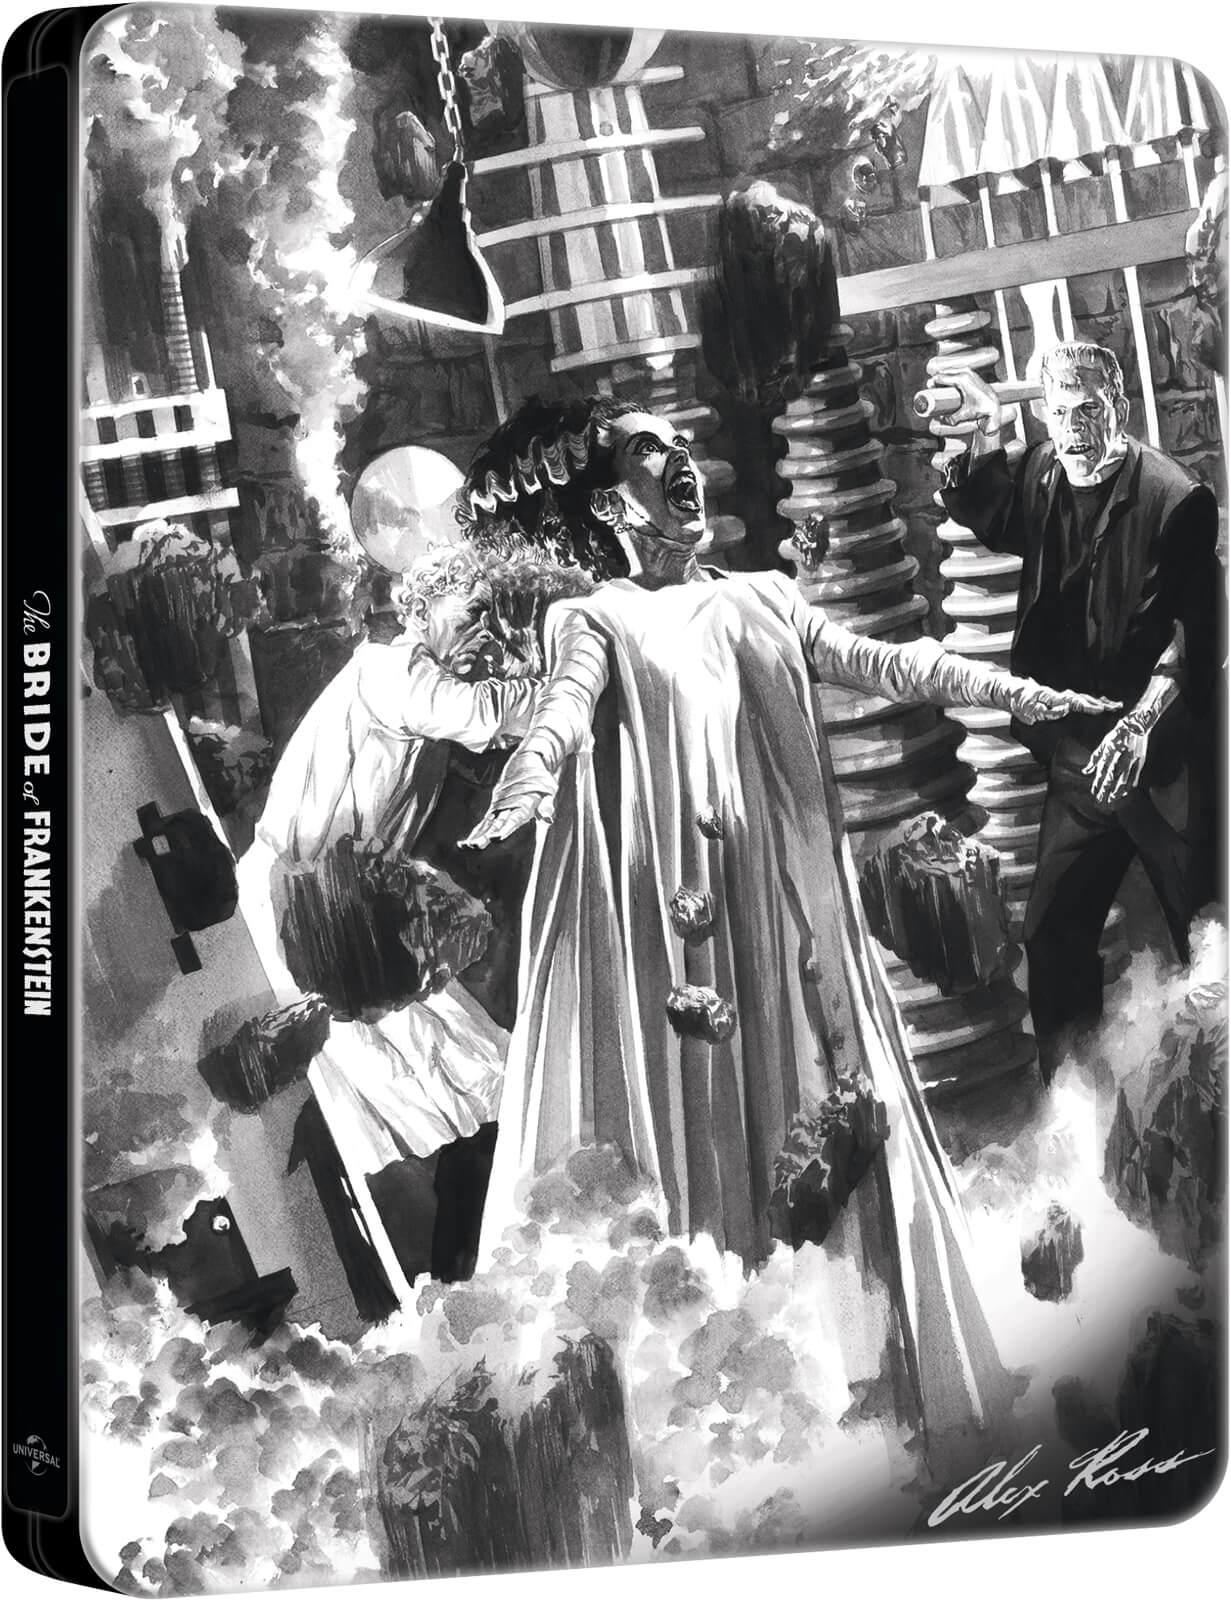 Bride of Frankenstein: Alex Ross Collection - Steelbook Edition